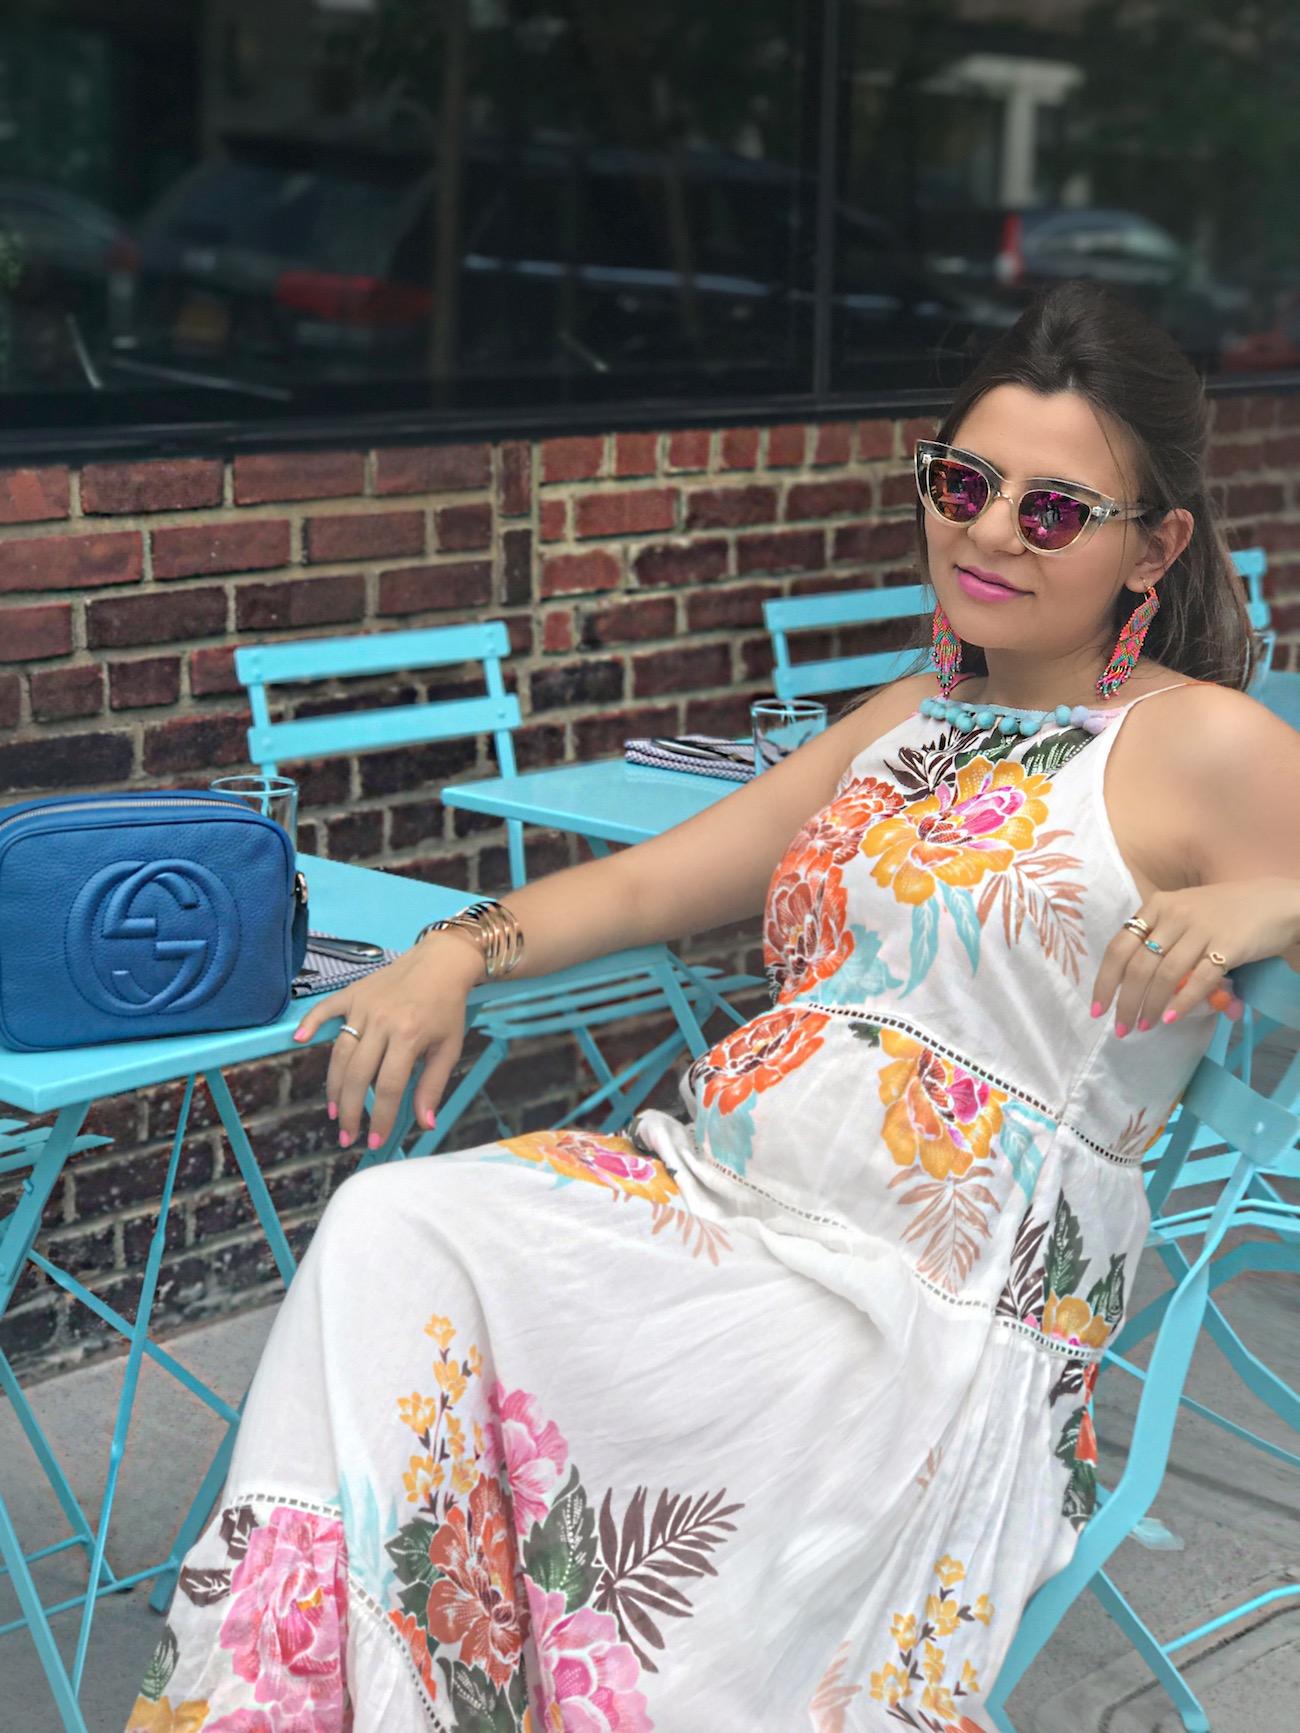 anthropologie-maxi-dresses-pom-pom-dress-for-summer-alley-girl-betul-k-yildiz-new-york-fashion-travel-blogger